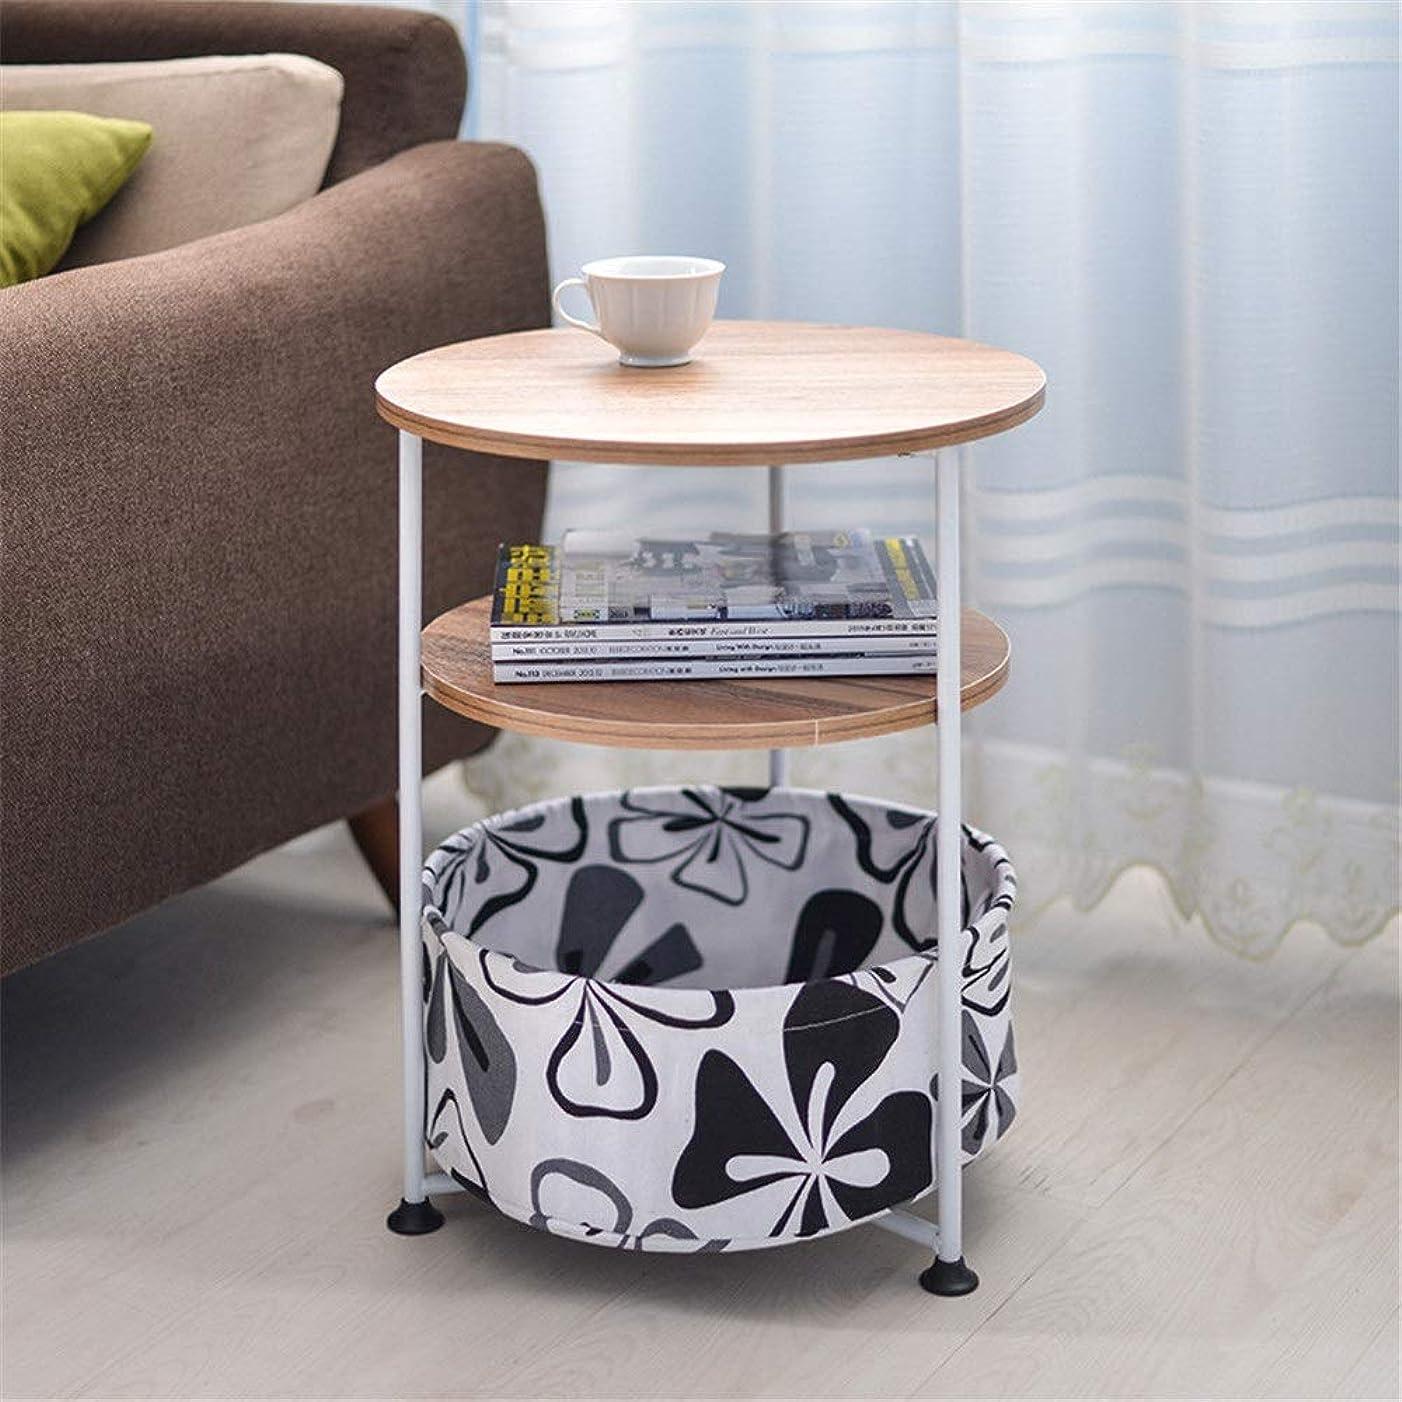 前述の選出する大胆コーヒーテーブル 折りたたみ式エンドテーブルダブルコーヒーテーブルコーヒーダイニングソファカジュアル長方形エンドテーブル基本的な家の装飾 サイドテーブル (色 : ピンク, サイズ : 41x41x53cm)